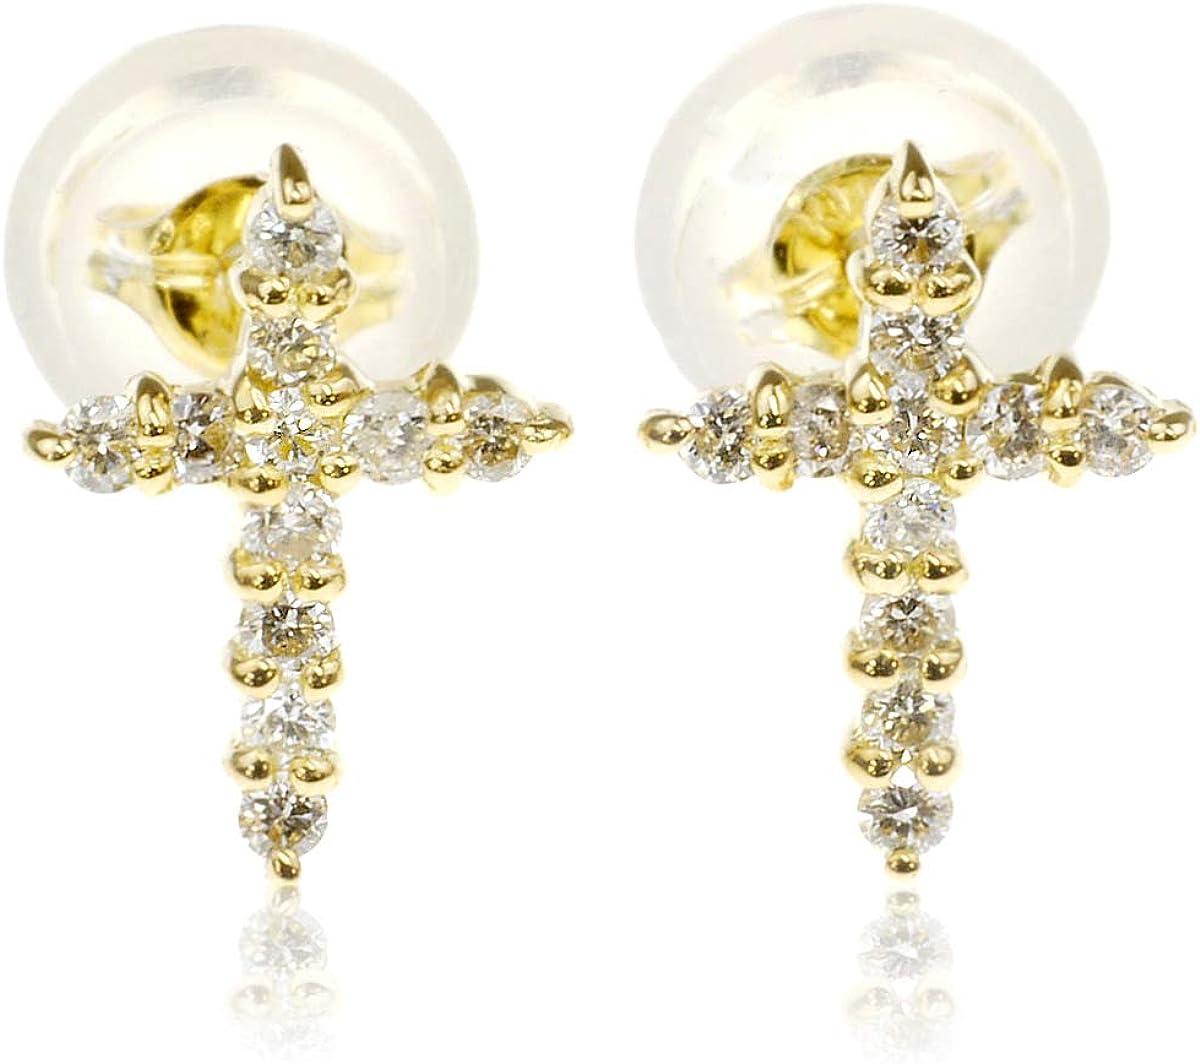 nadi K18 クロス ダイヤモンド 0.1ct ピアス 18金 イエロー ゴールド スタッド 十字架 ピアス